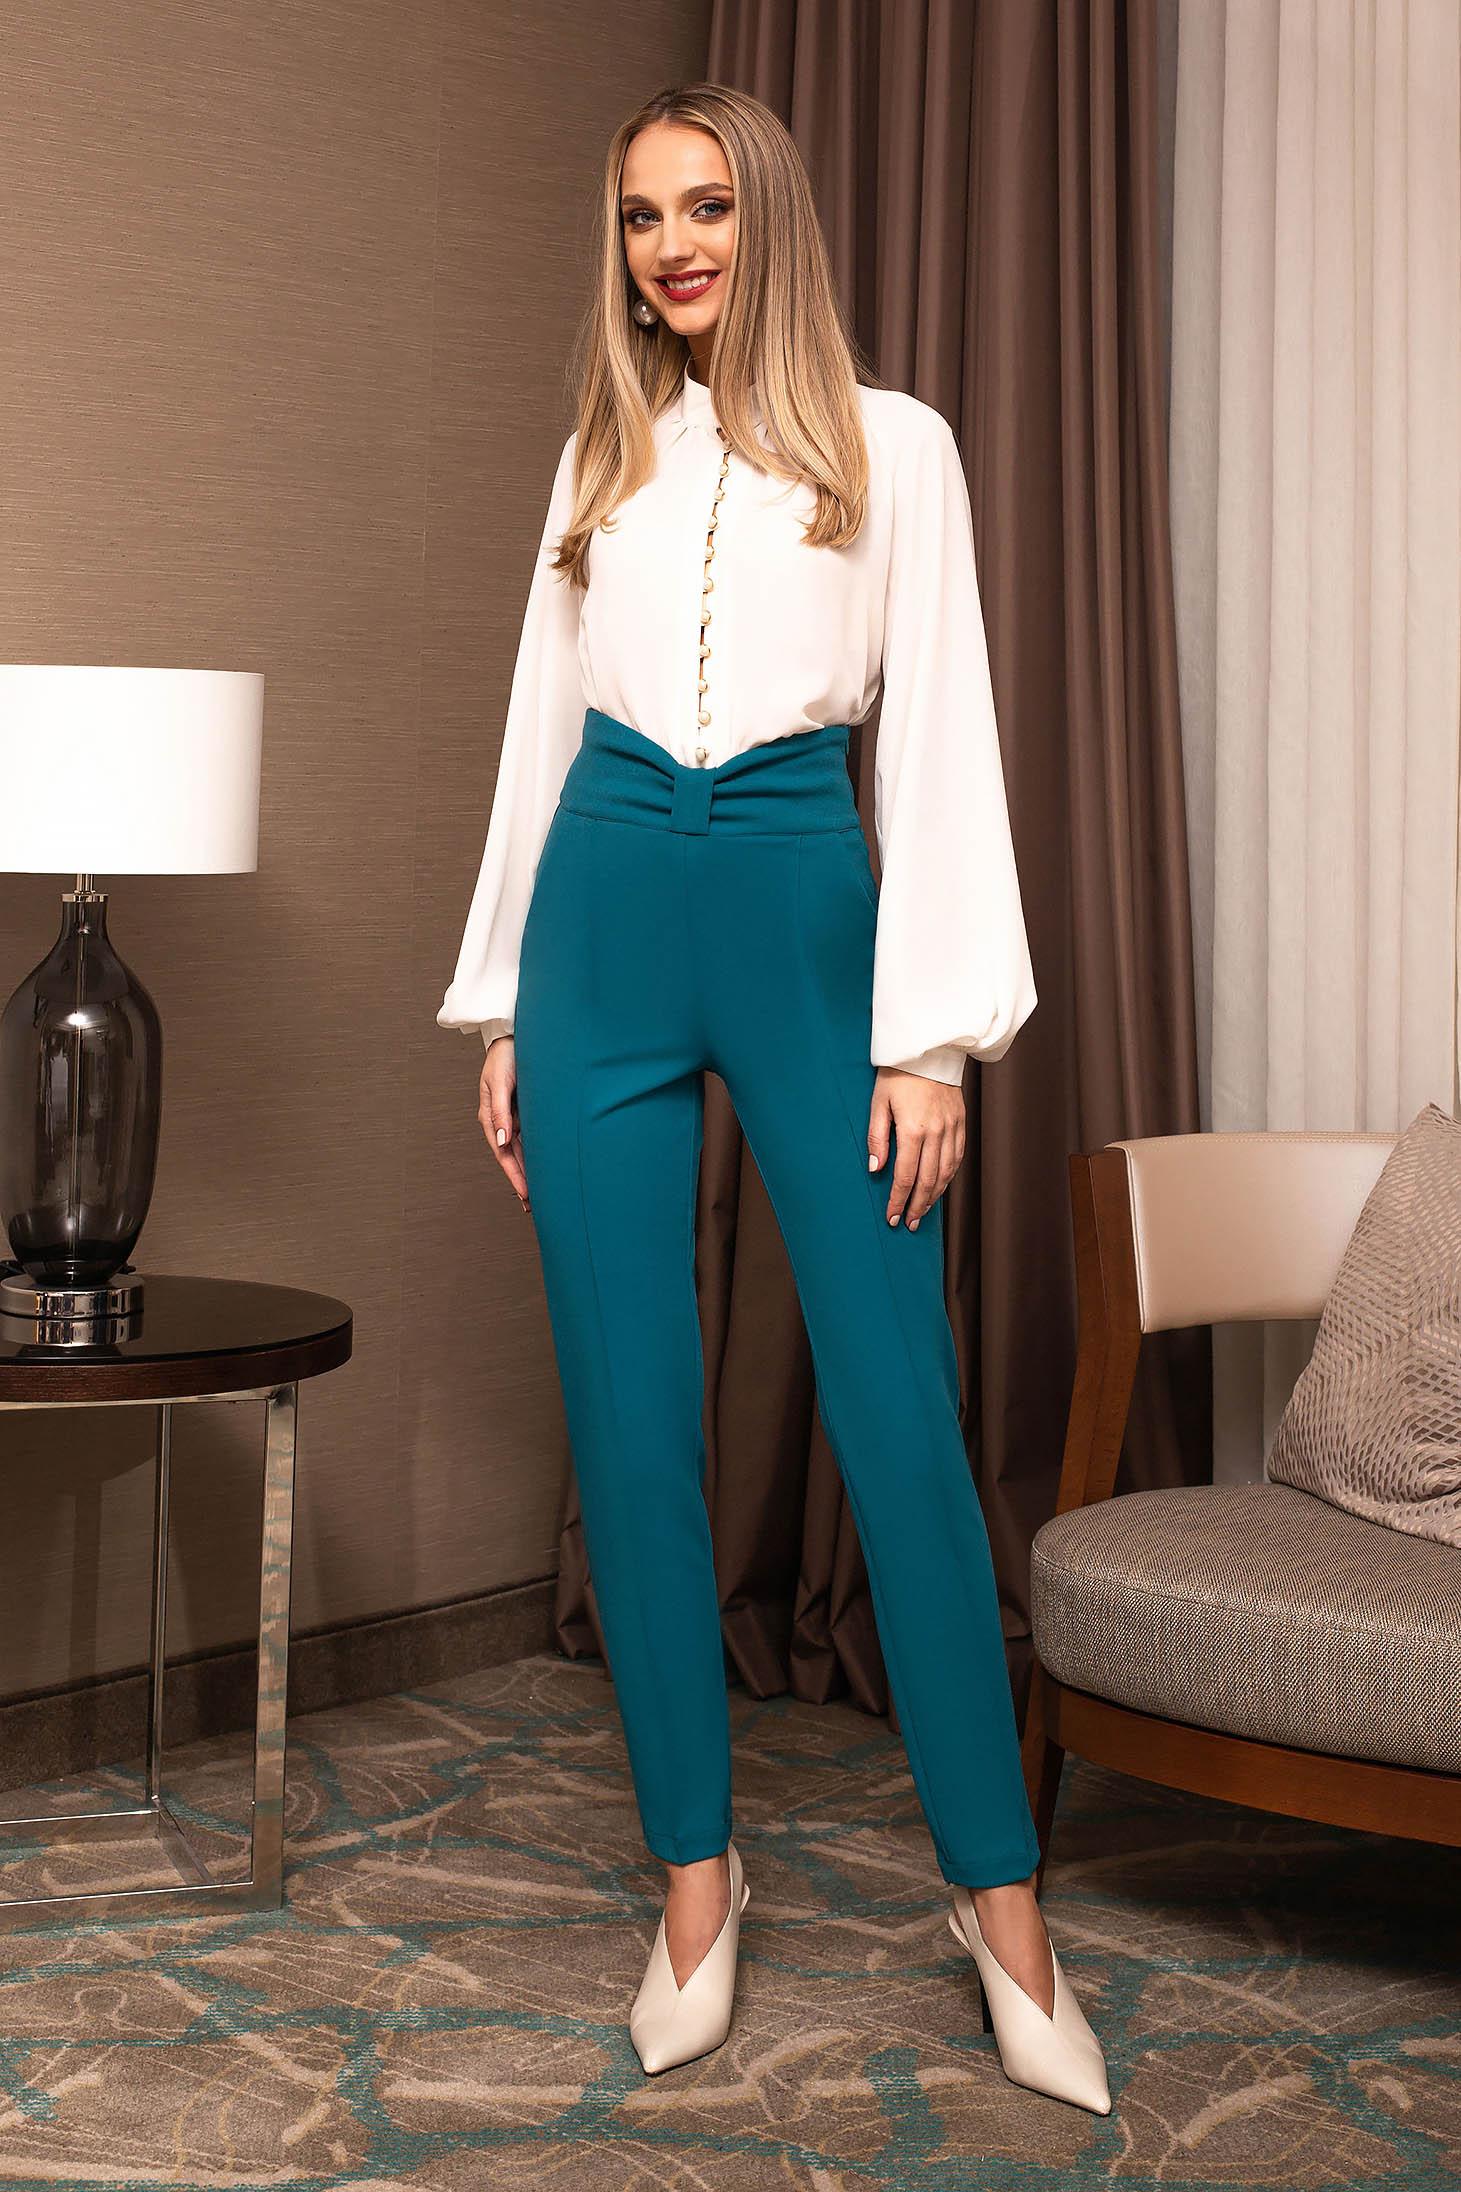 Pantaloni PrettyGirl turcoaz office din stofa conici cu talie inalta accesorizat cu o fundita